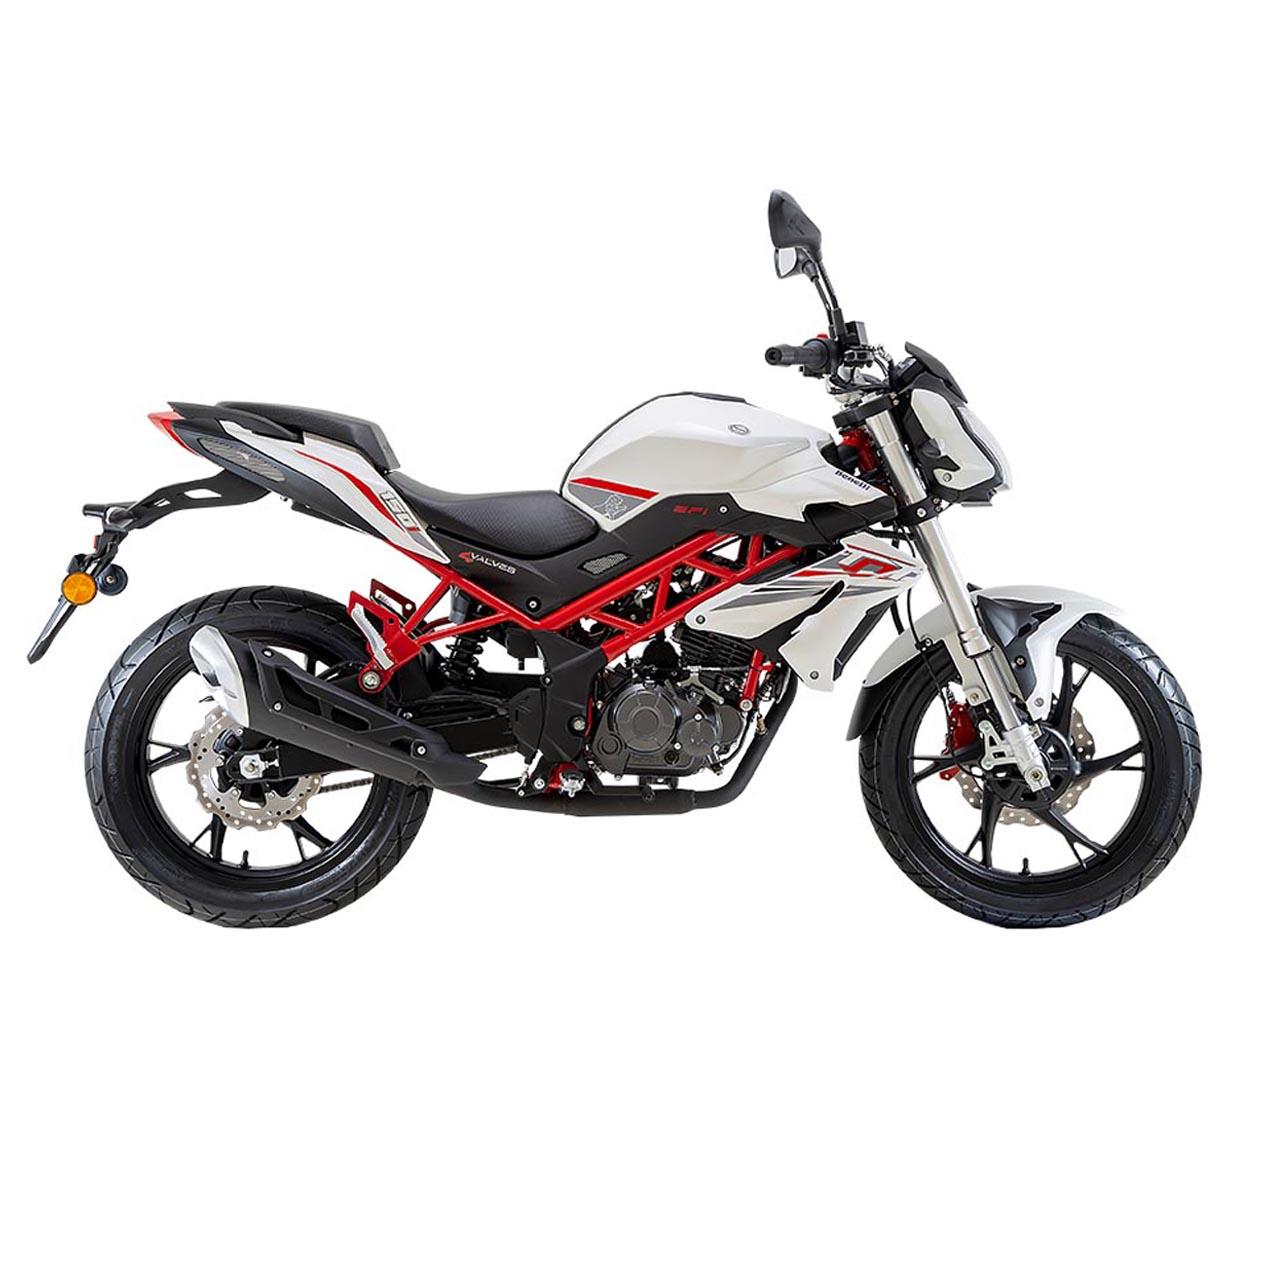 موتورسیکلت بنلی مدل 150TNT سی سی سال 1399